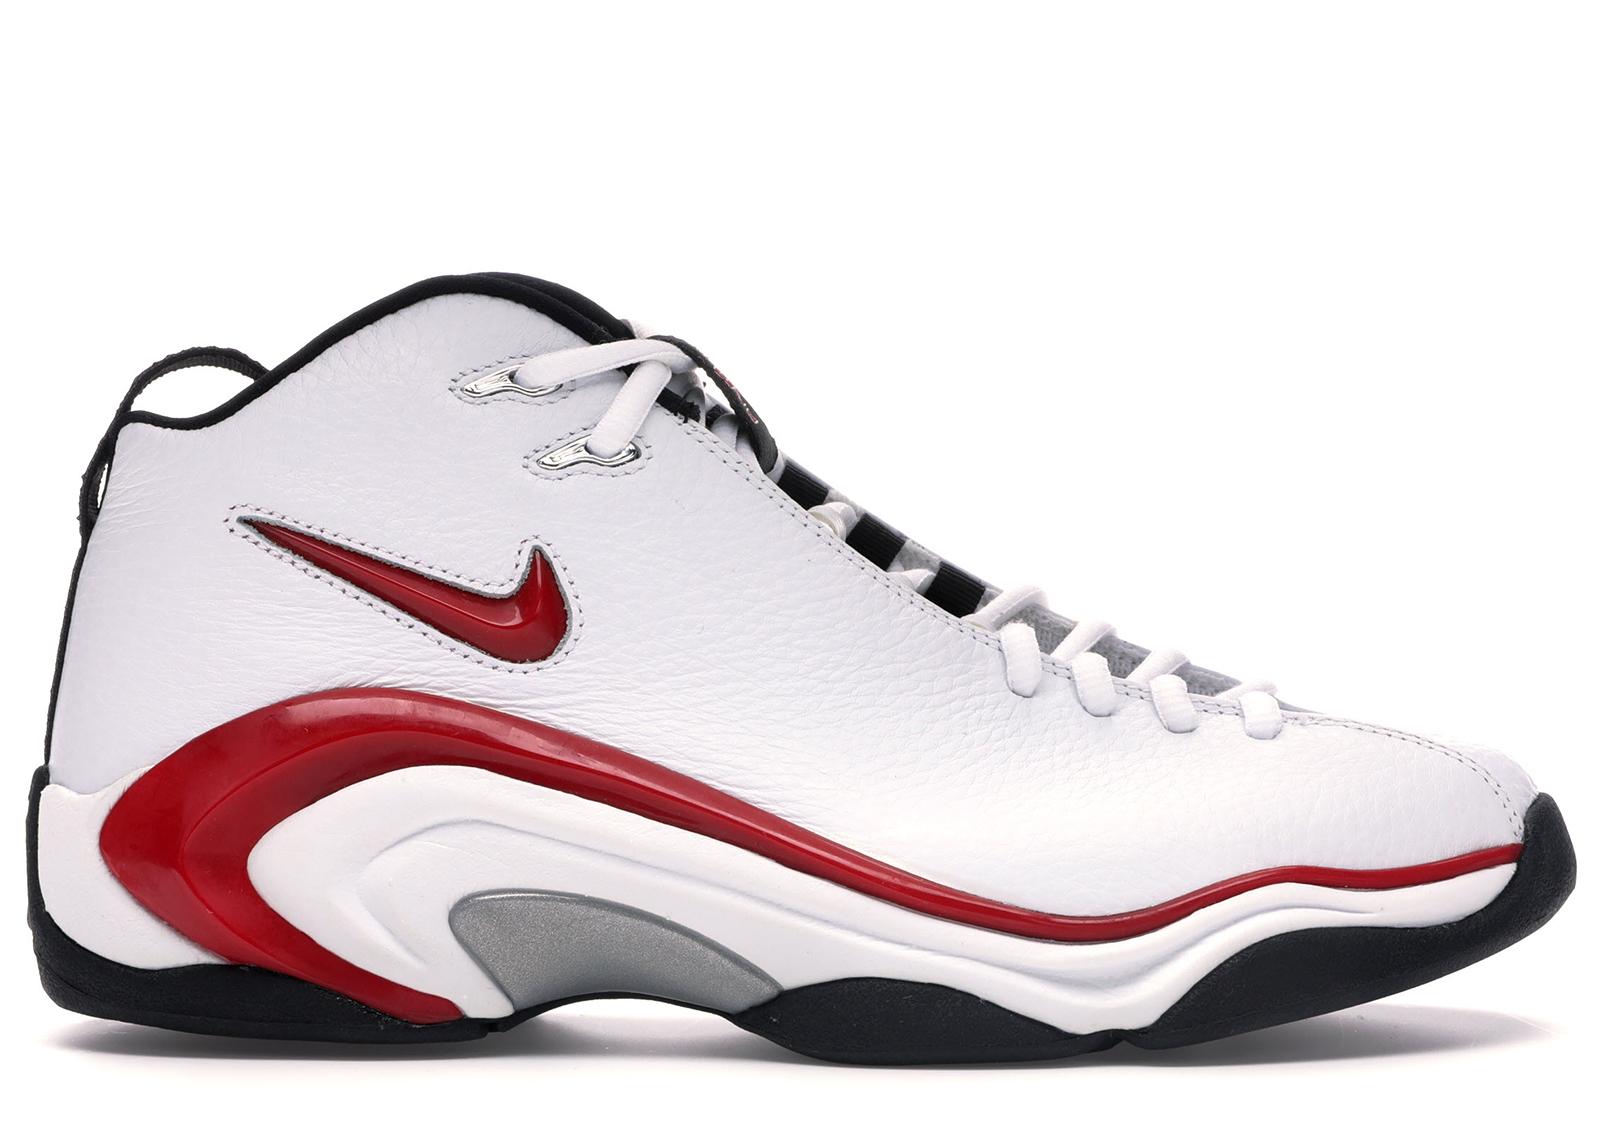 Nike Air Pippen 2 Bulls Home - 312545-161